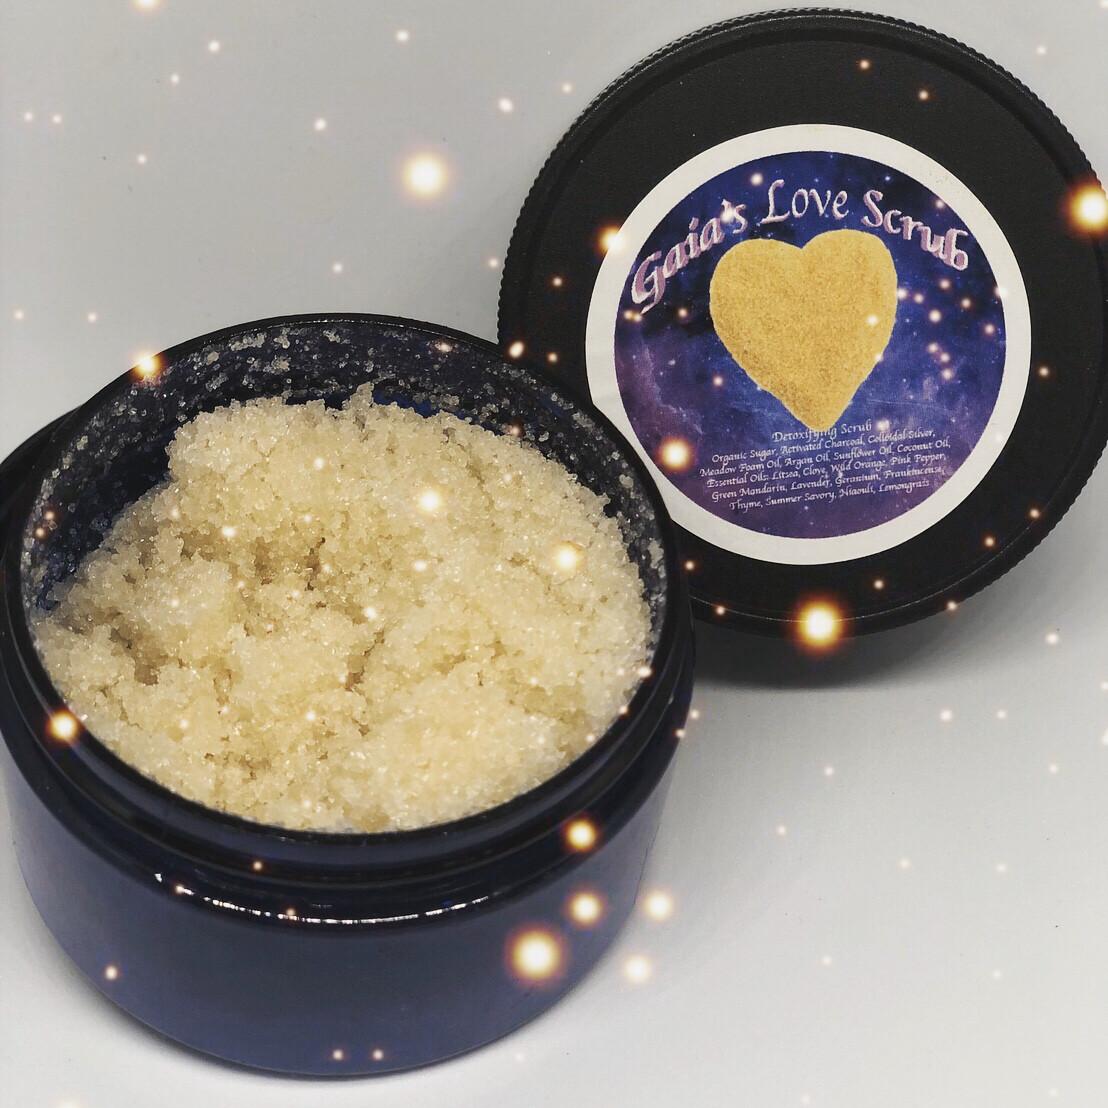 Gaia's Sugar Scrub